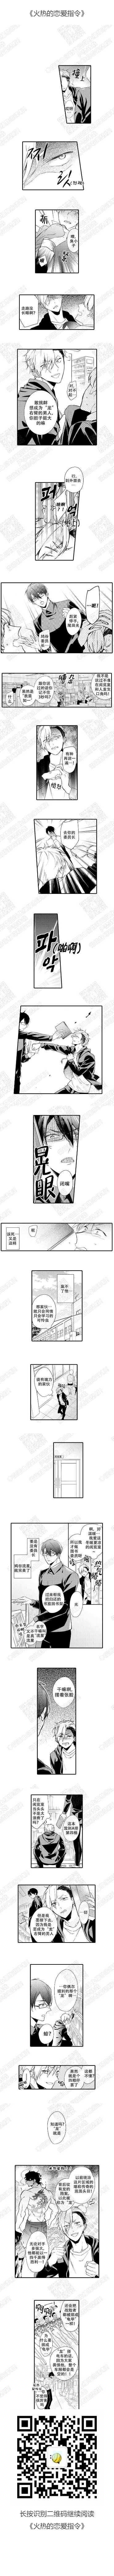 最新耽美漫画《火热的恋爱指令》来袭,在线阅读&百度云全本全集,好看就加豆!